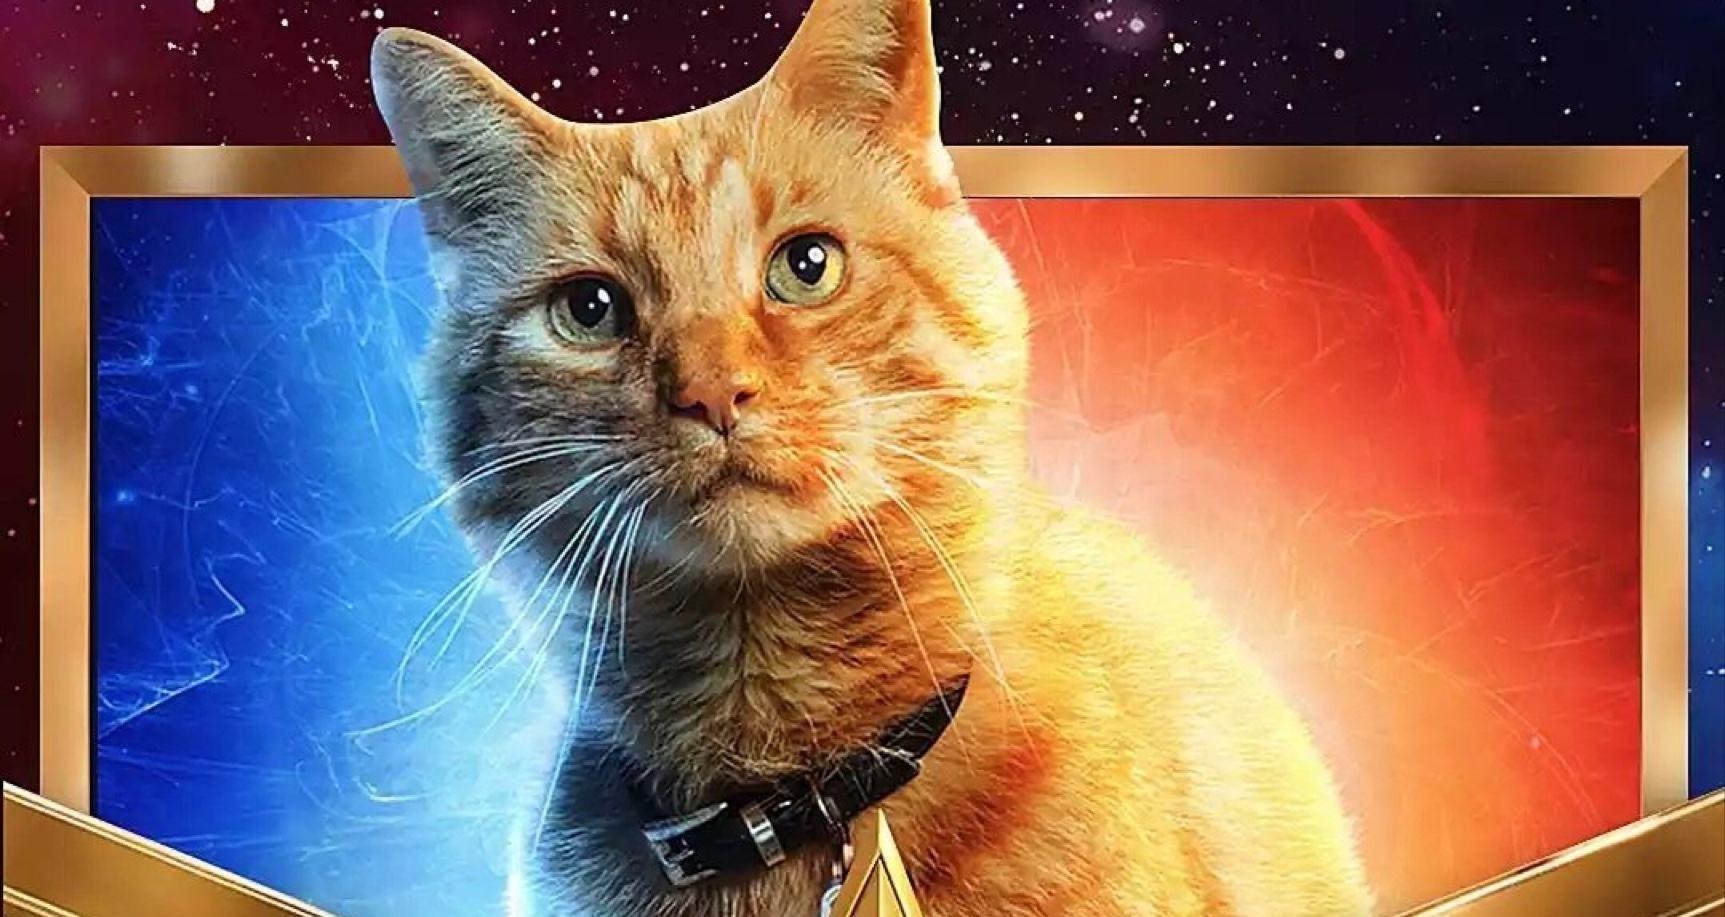 """《惊奇队长》中一爪子抓瞎了神盾局长的猫咪""""橘座""""什么来头?"""